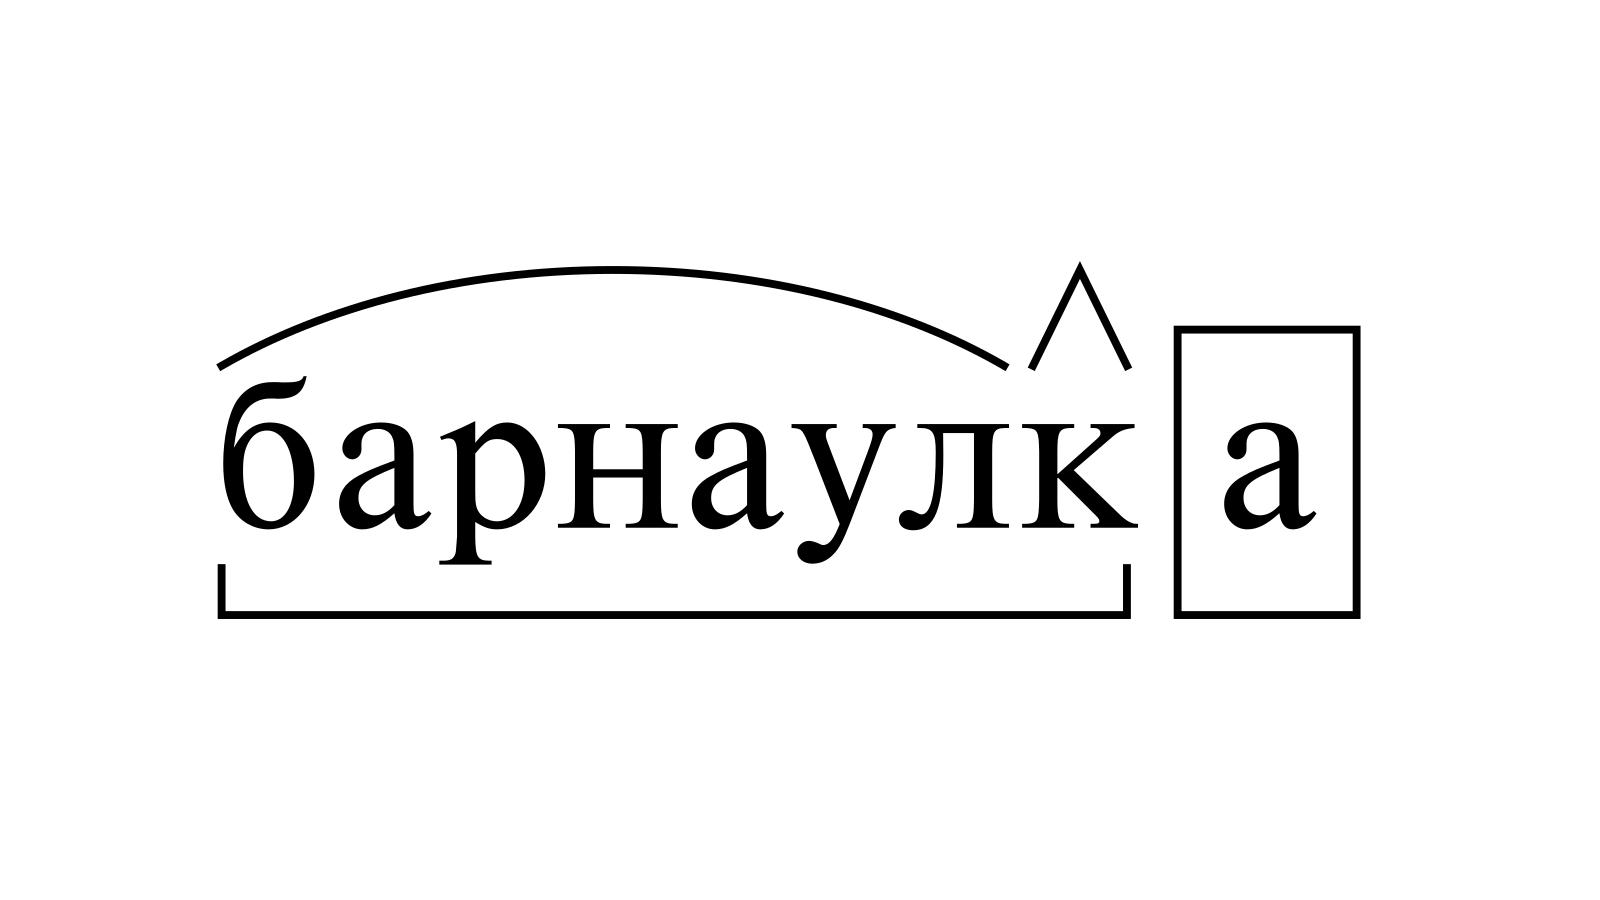 Разбор слова «барнаулка» по составу